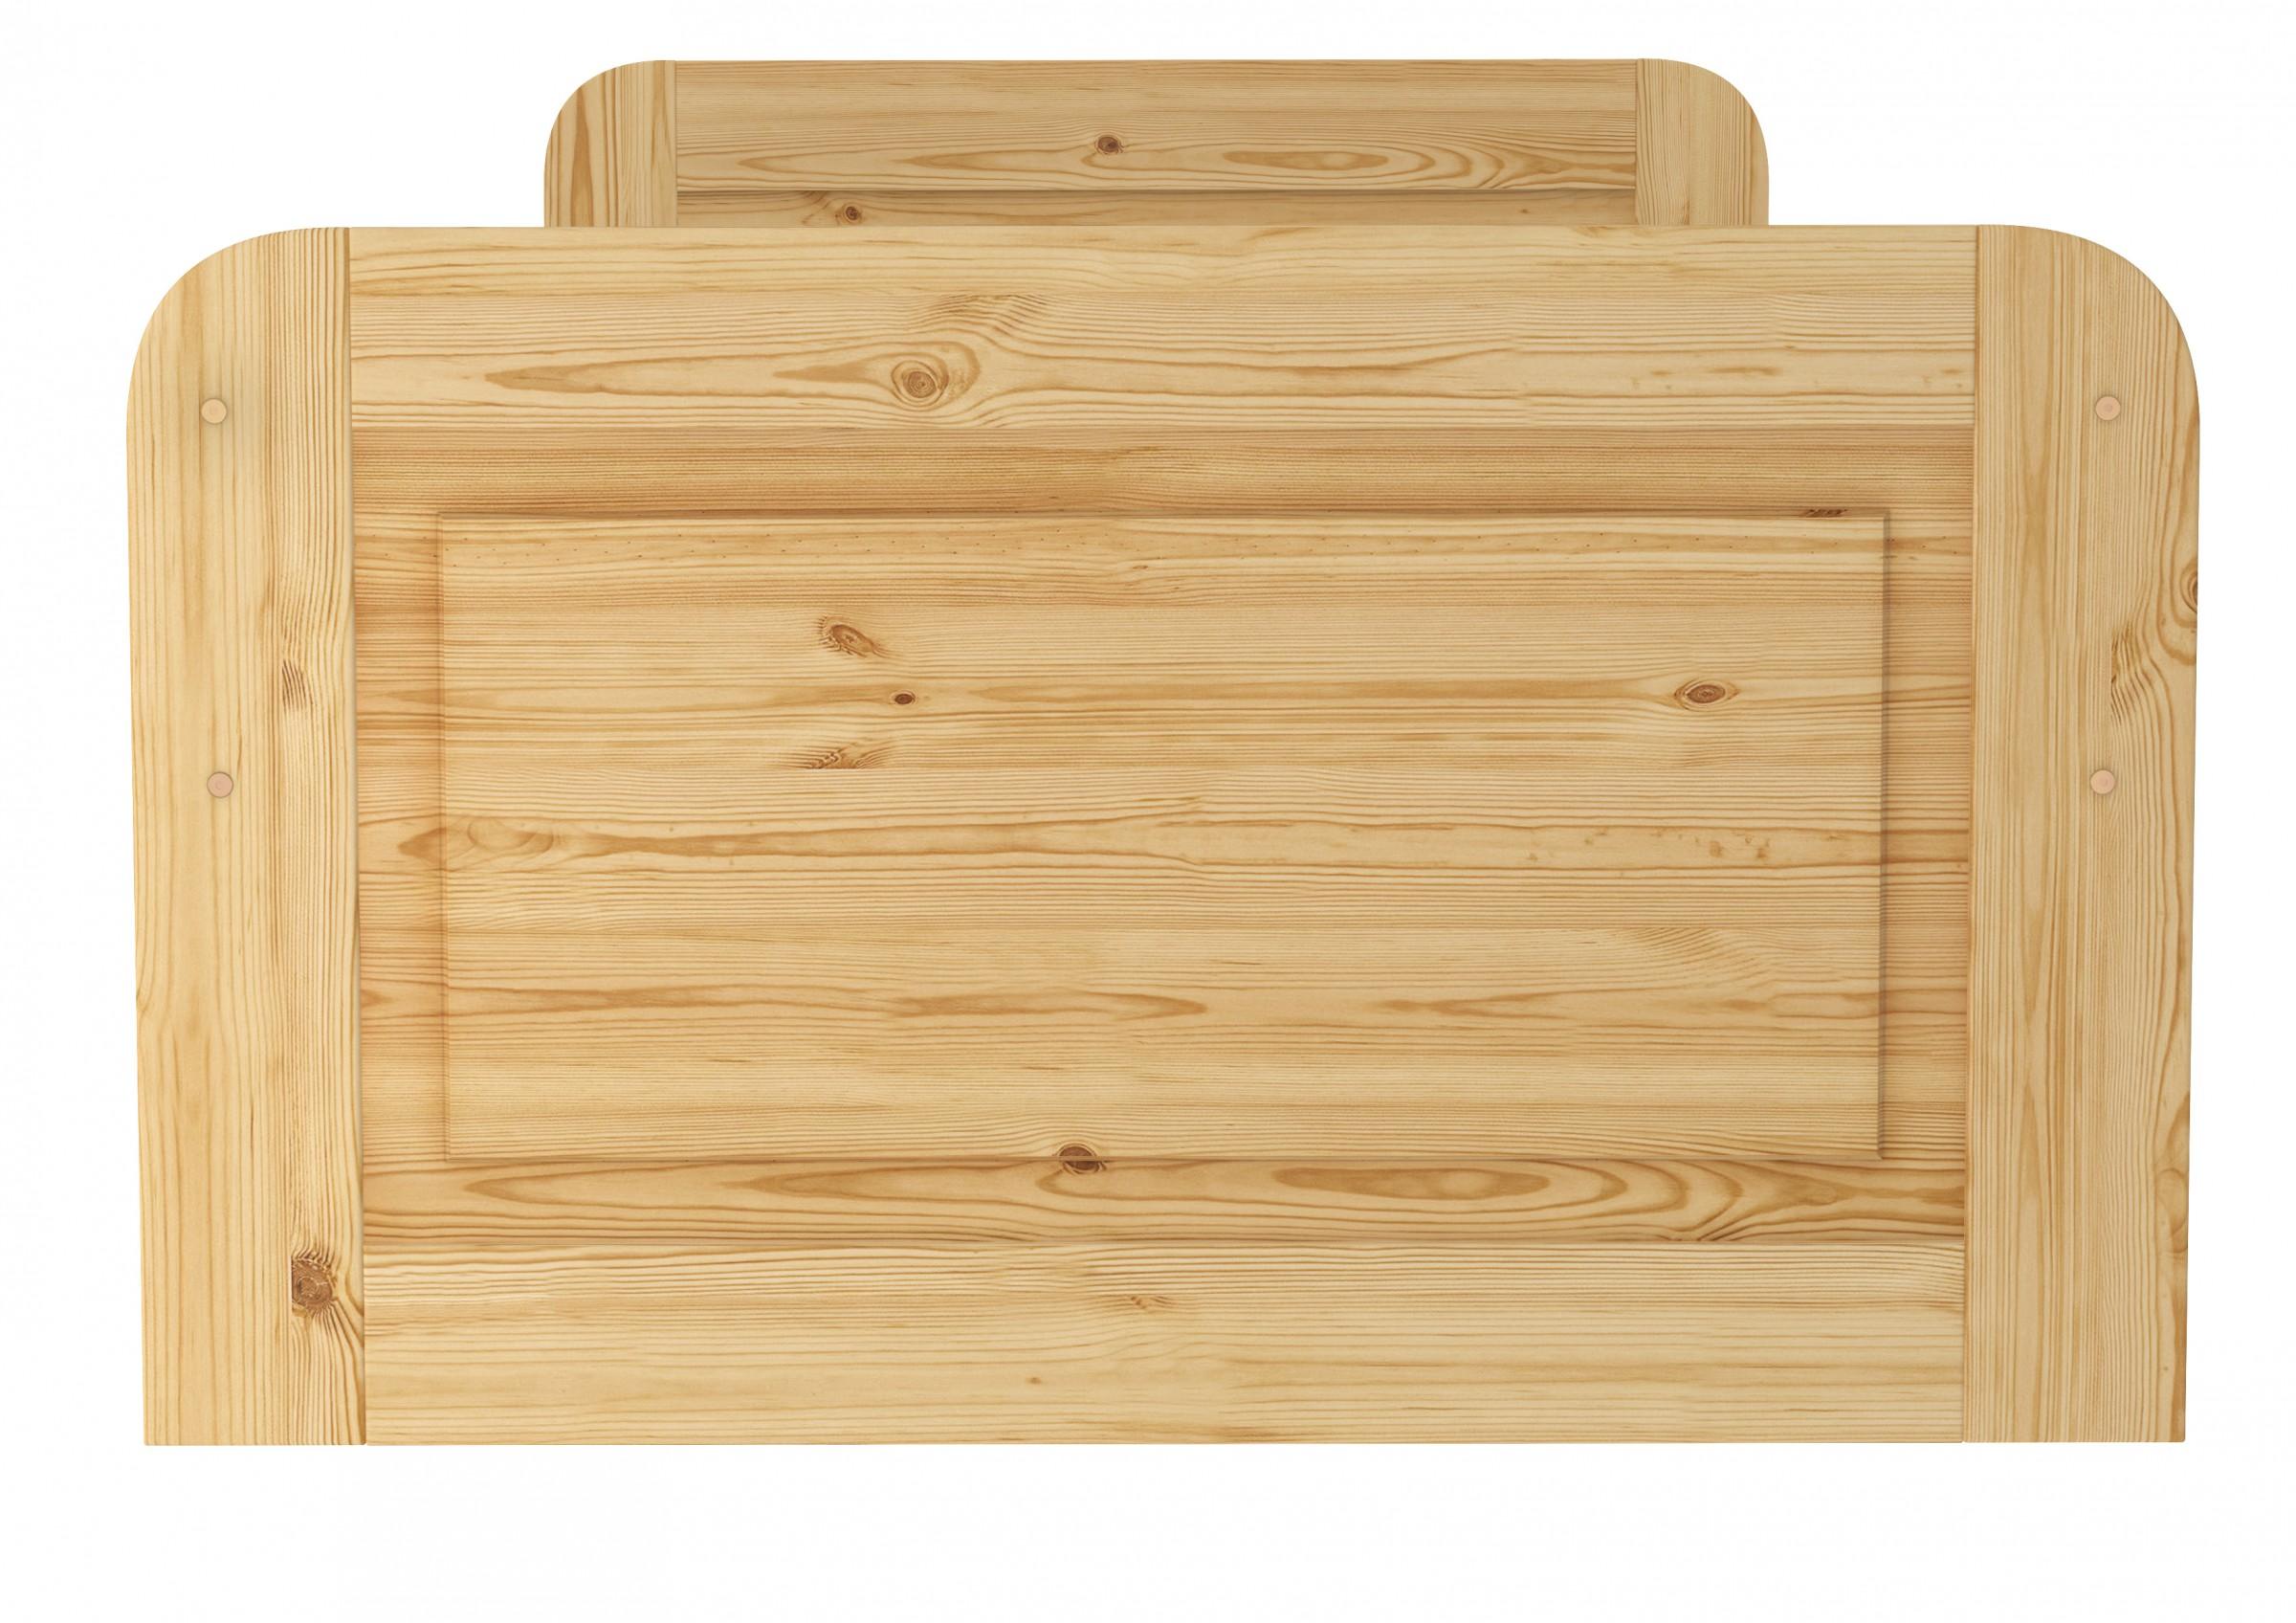 seniorenbett extra hoch 100x200 einzelbett holzbett massivholz bett or. Black Bedroom Furniture Sets. Home Design Ideas